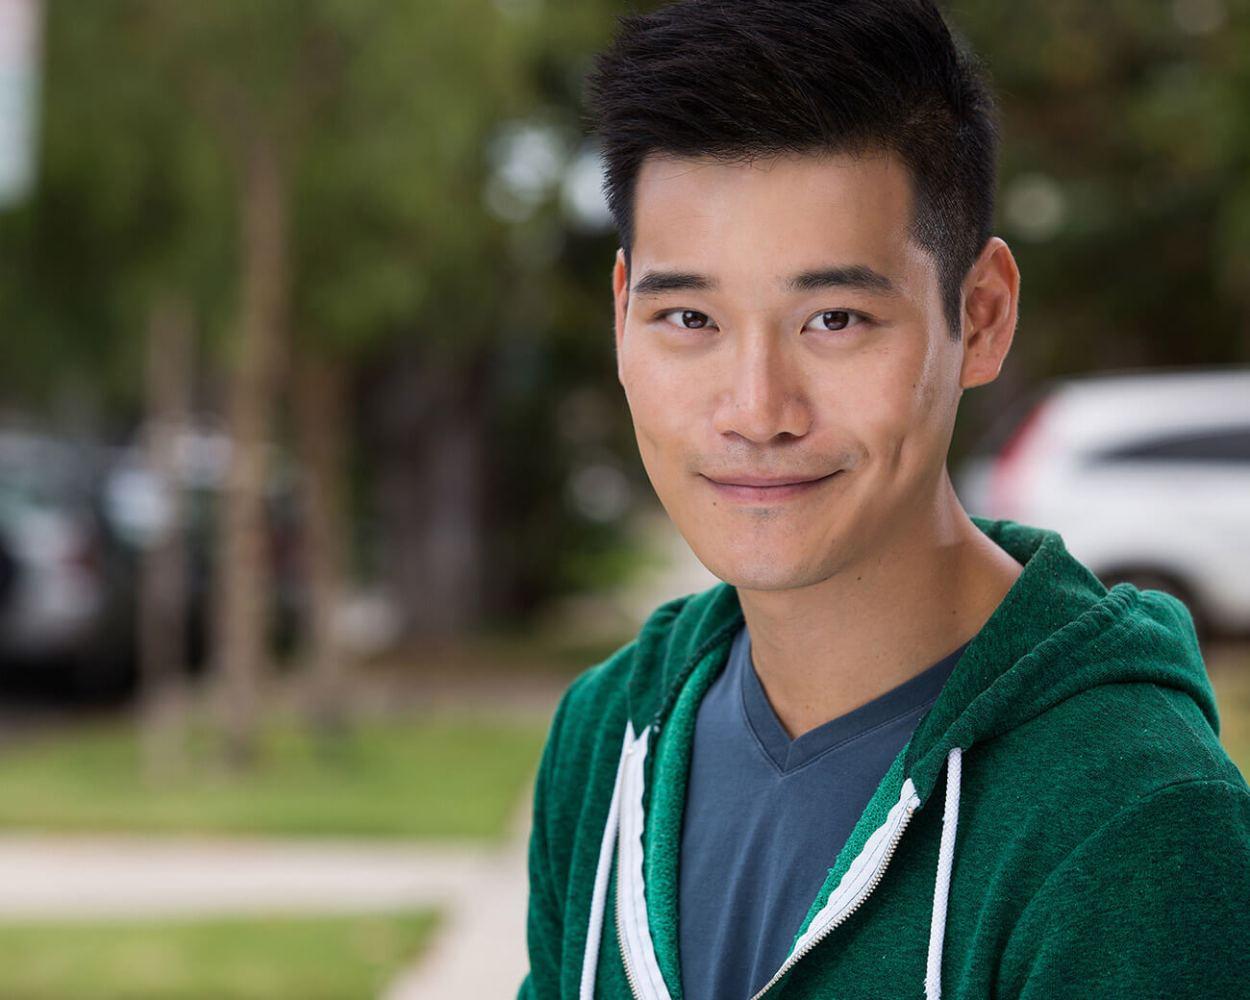 los angeles-Danny-Lam-Actor-Headshot-Los-Angeles-1